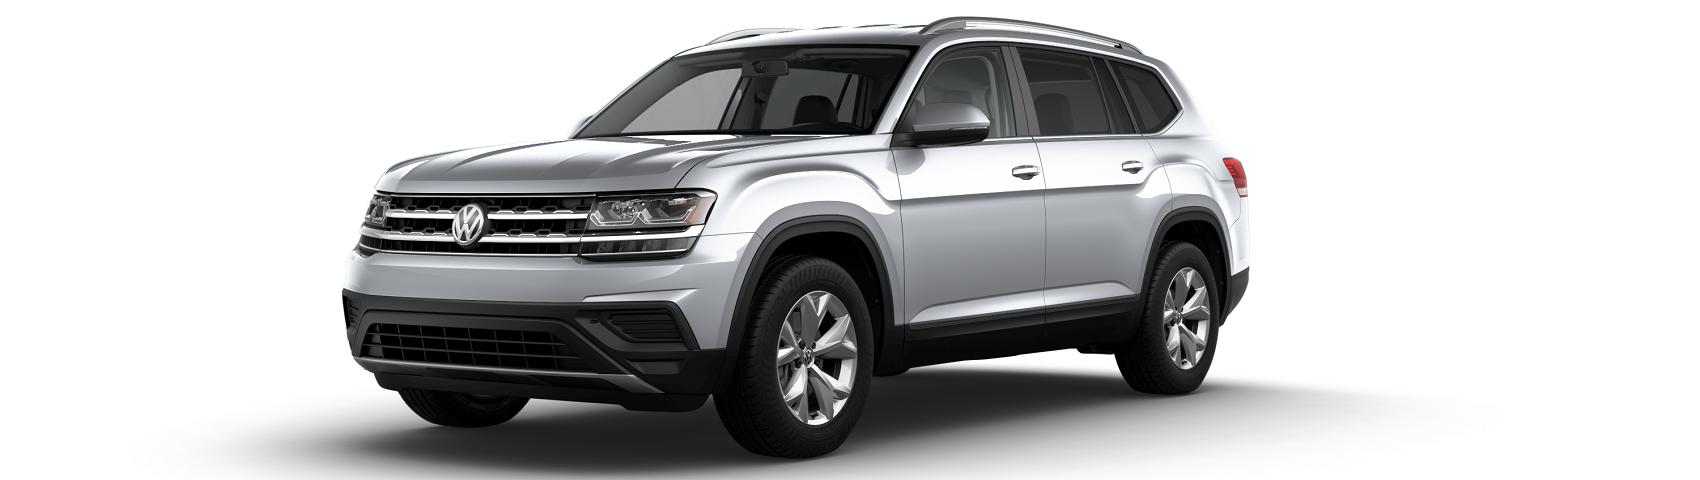 Volkswagen Atlas Silver Metallic